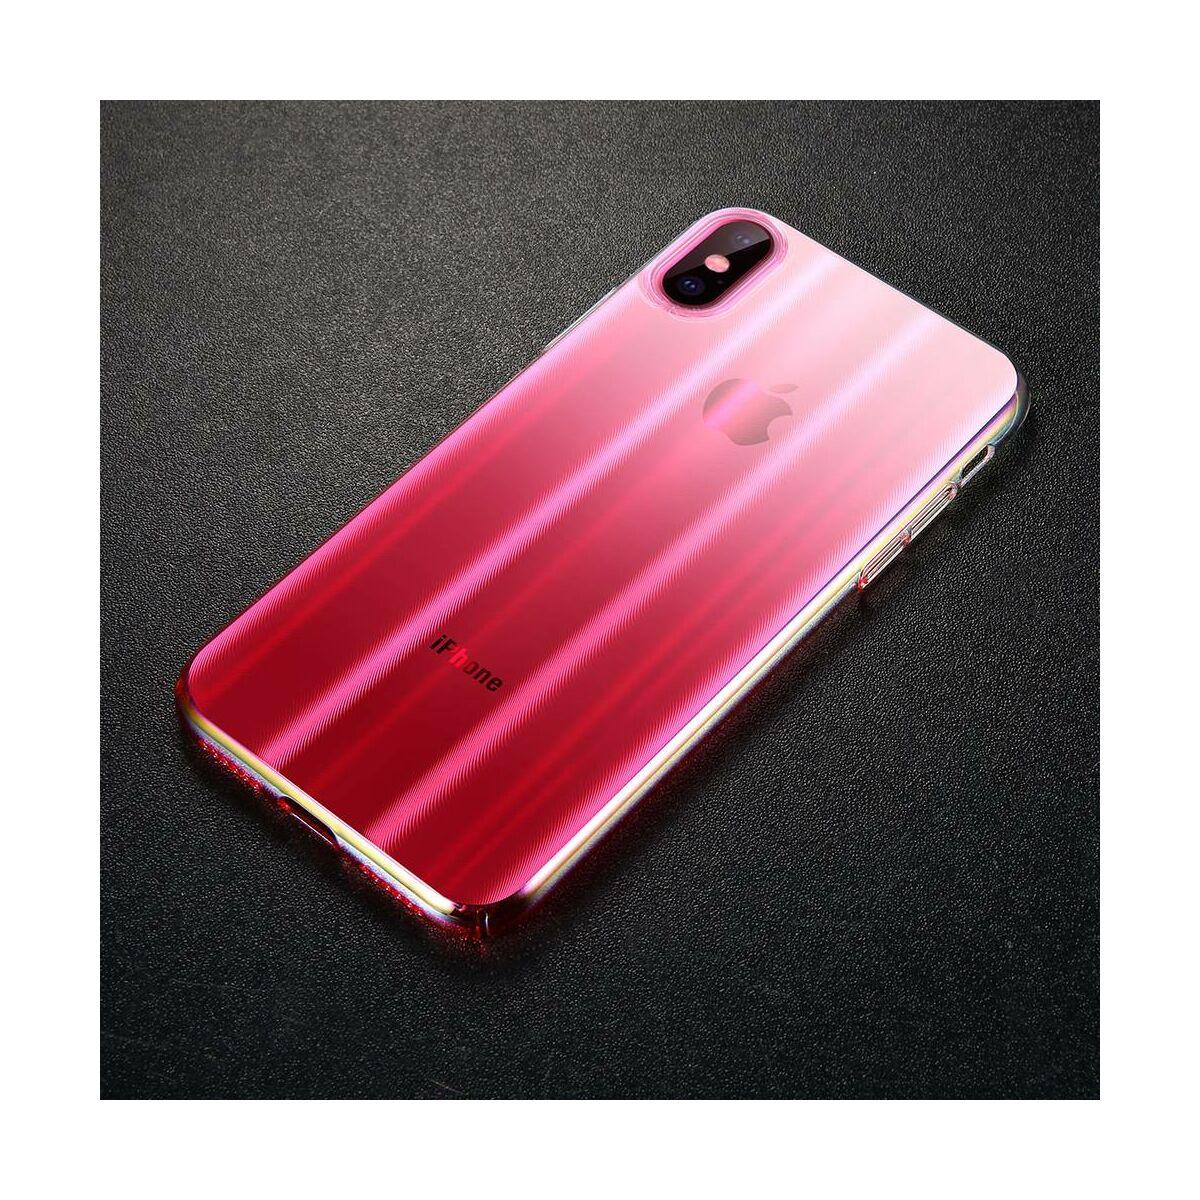 Baseus iPhone X/XS tok, Aurora, átlátszó, rózsaszín (WIAPIPHX-JG04)